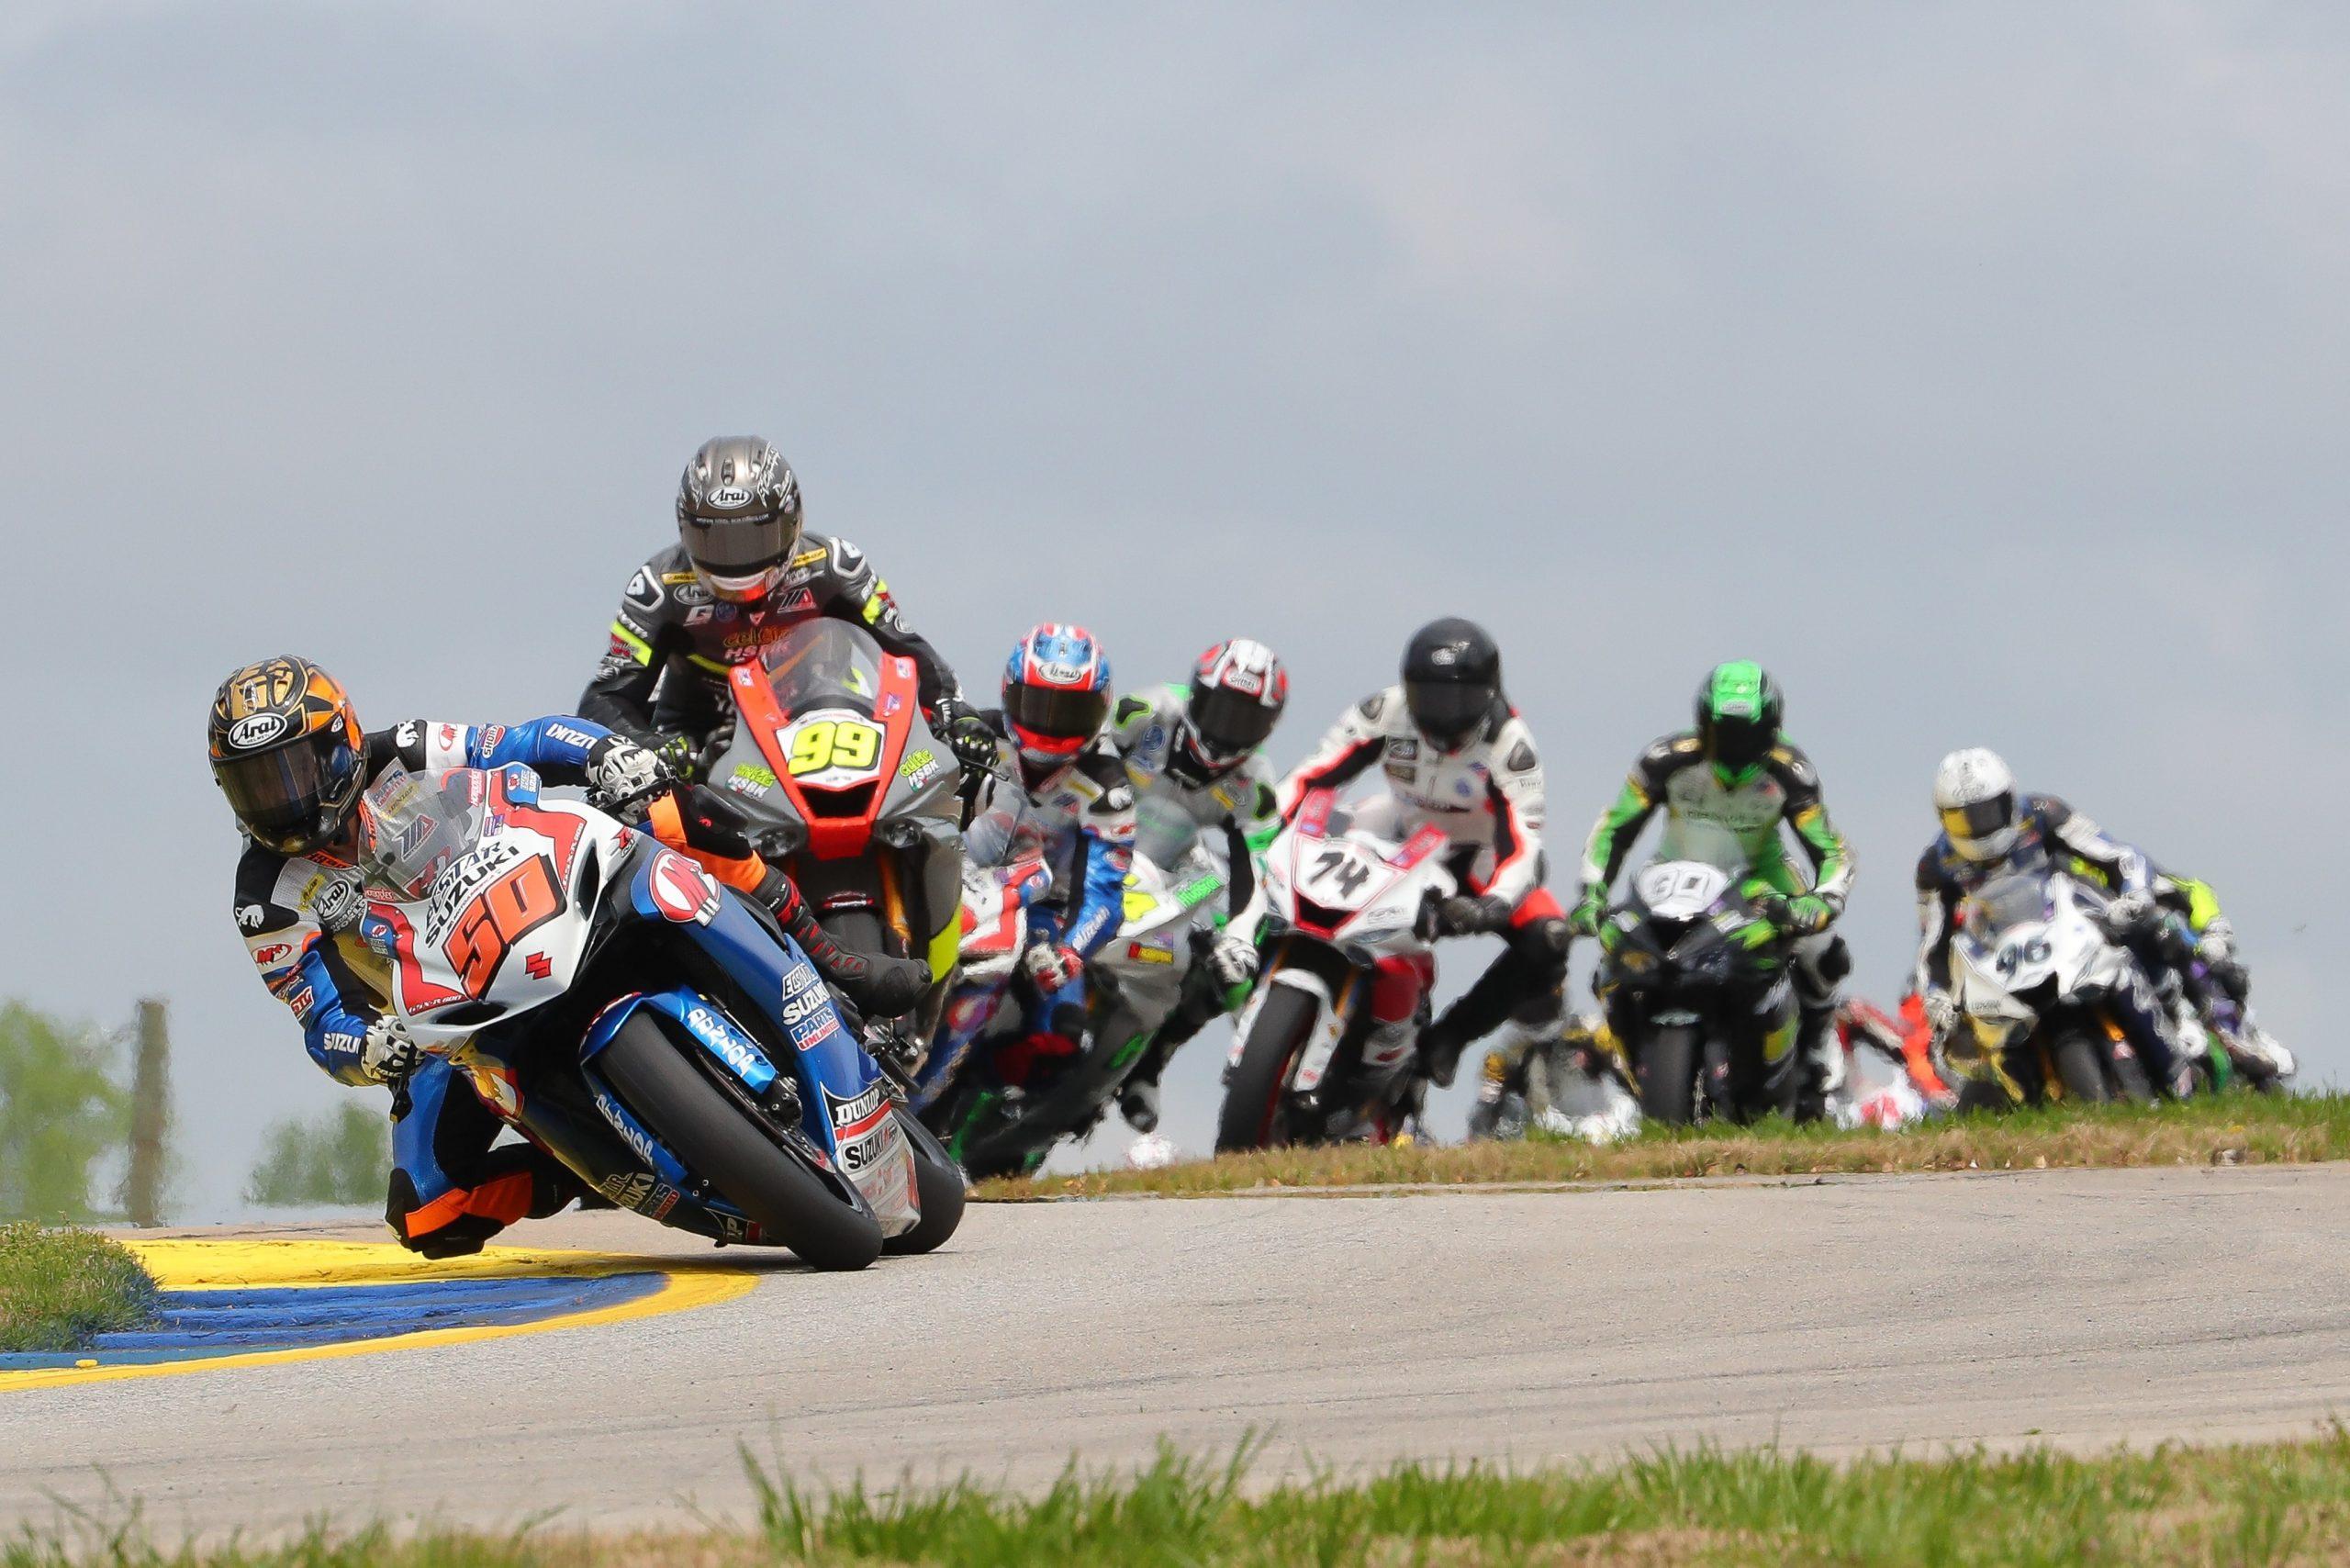 MotoAmerica Superbikes racing at Road America in 2021